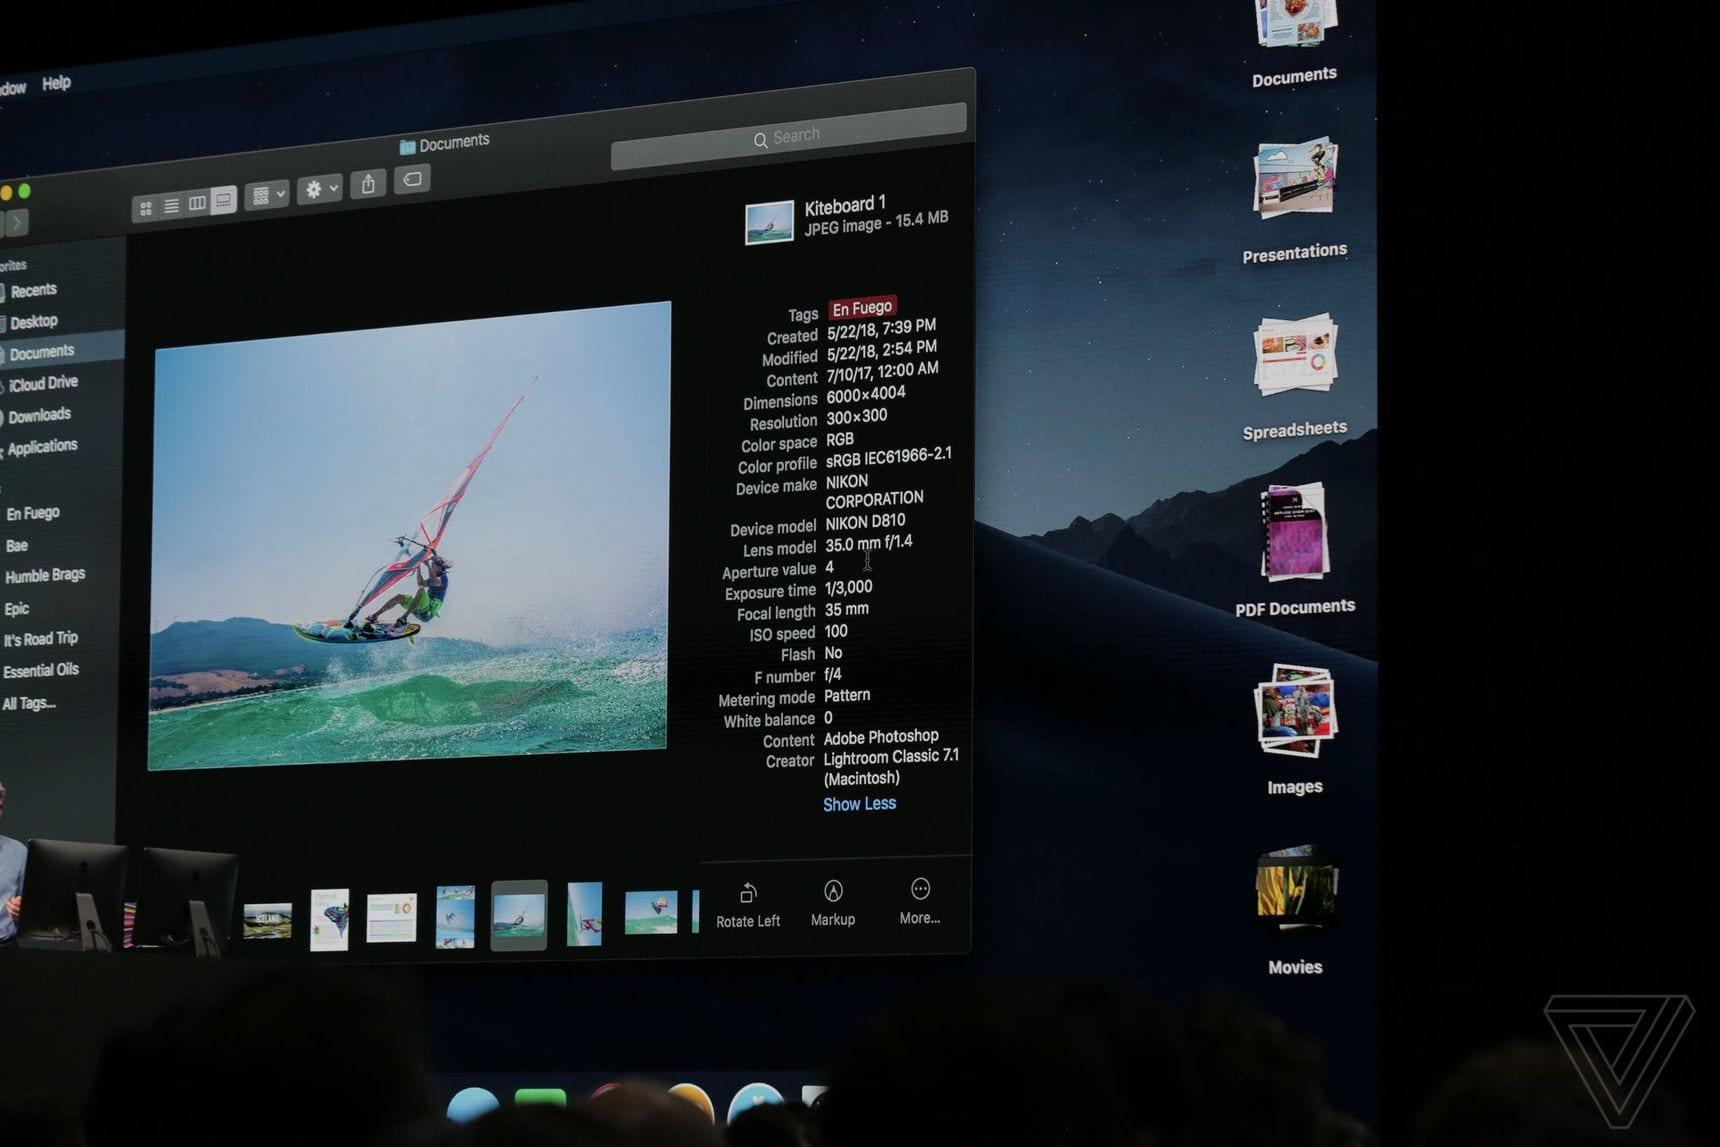 apple WWDC 2018 3554 1 - macOS Mojave: redizajnovaný App Store, vylepšený Finder, tmavý mód a nové aplikácie